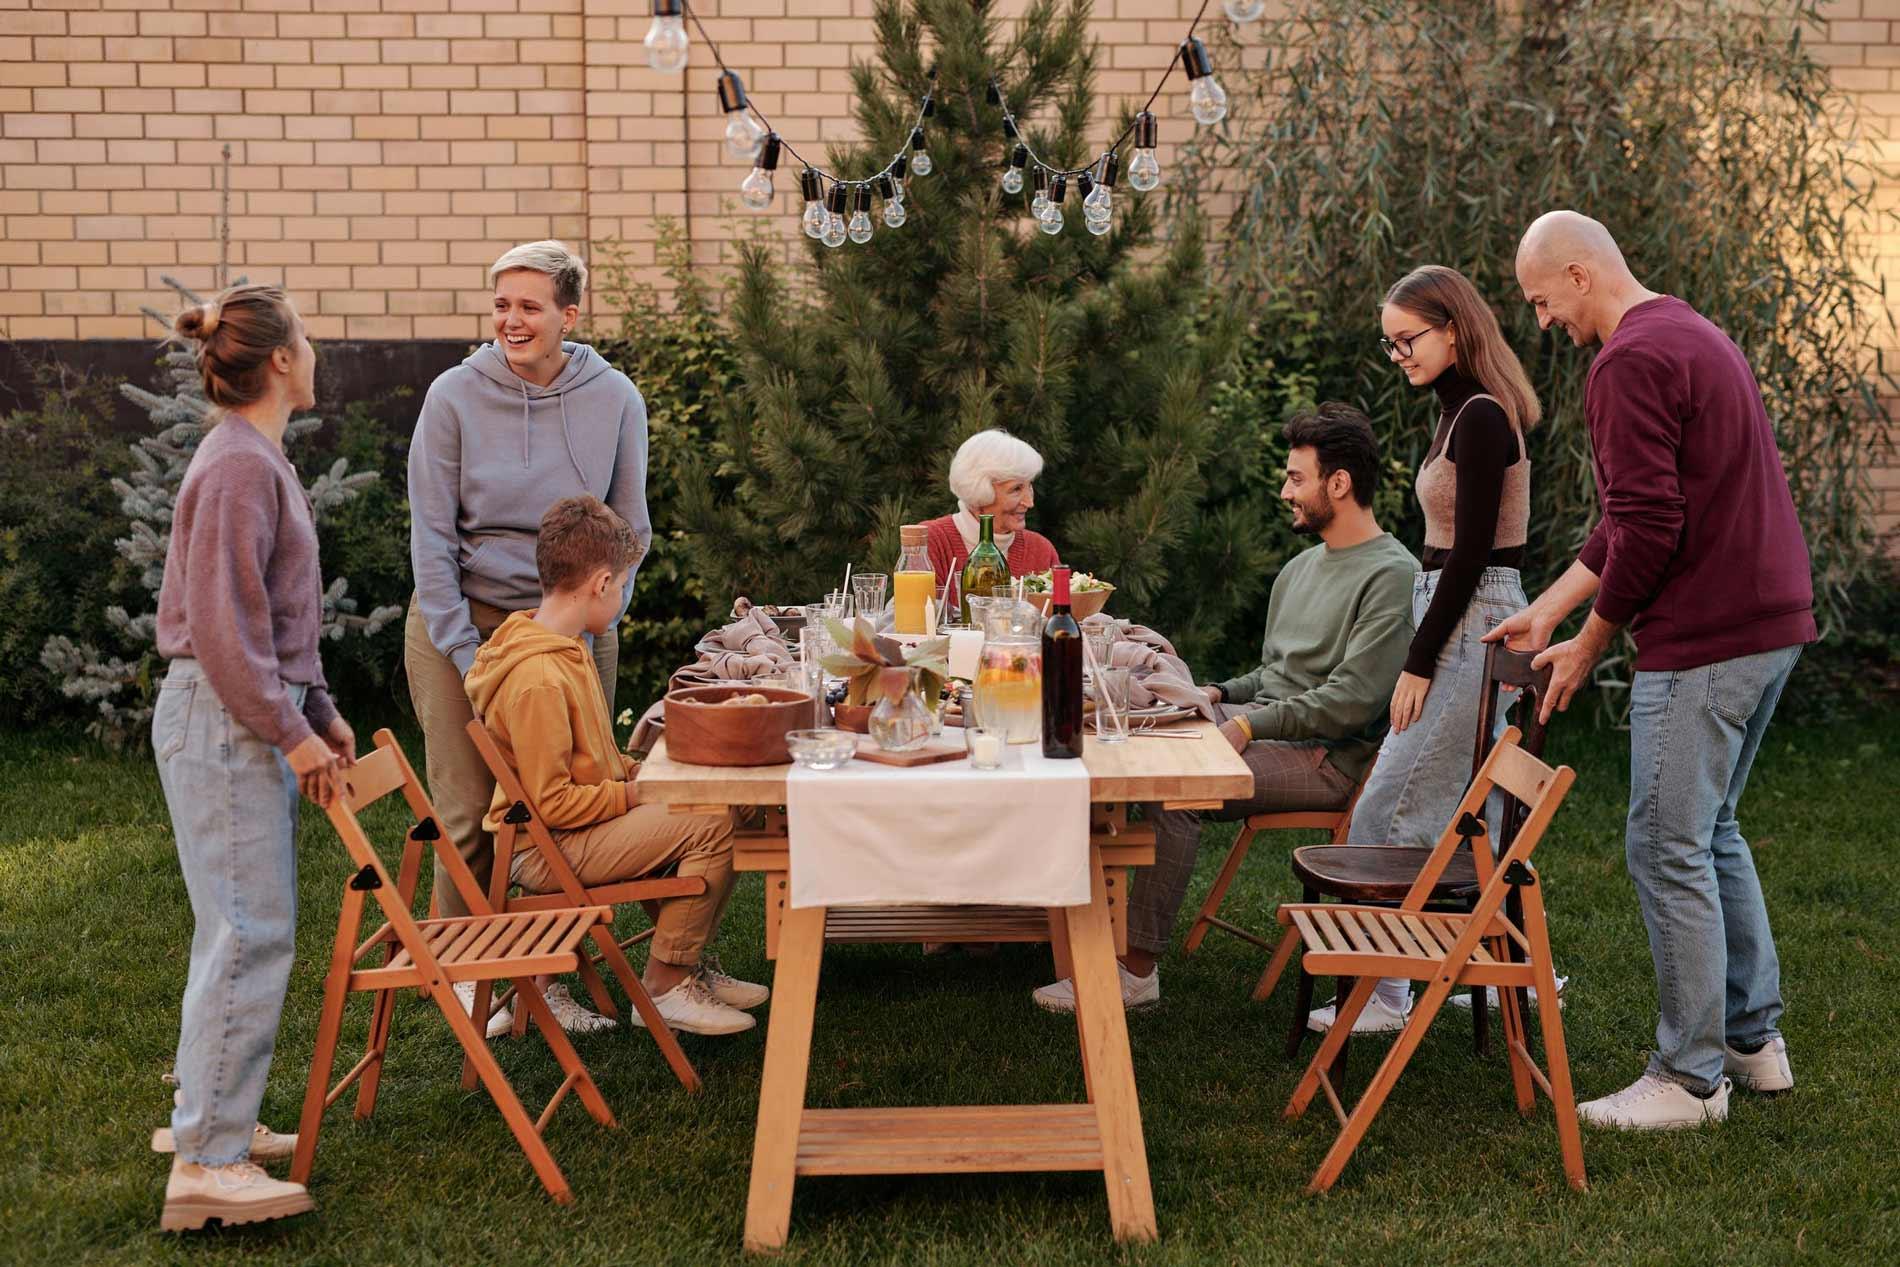 Construyendo familias: Los rituales